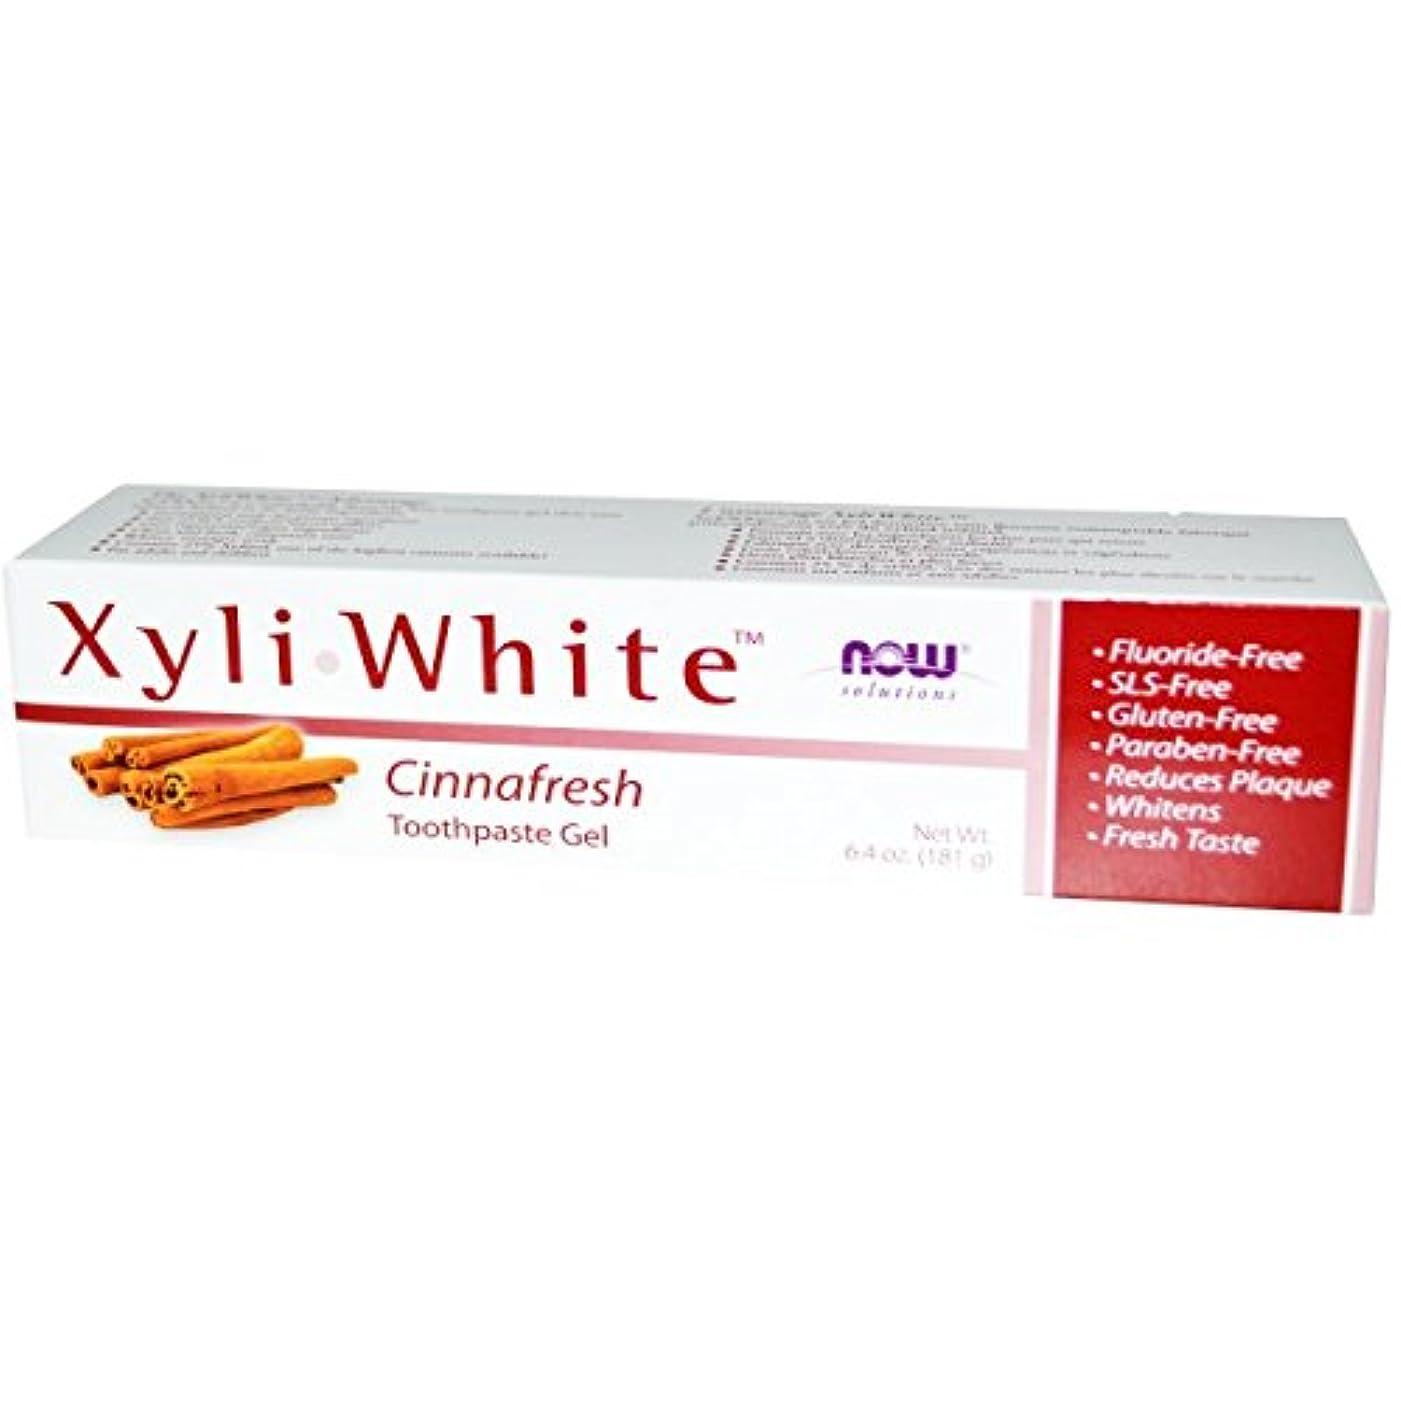 報復する資格ペインティング[海外直送品] ナウフーズ(Now Foods) キシリホワイト トゥースペースト(シナフレッシュ) 181g